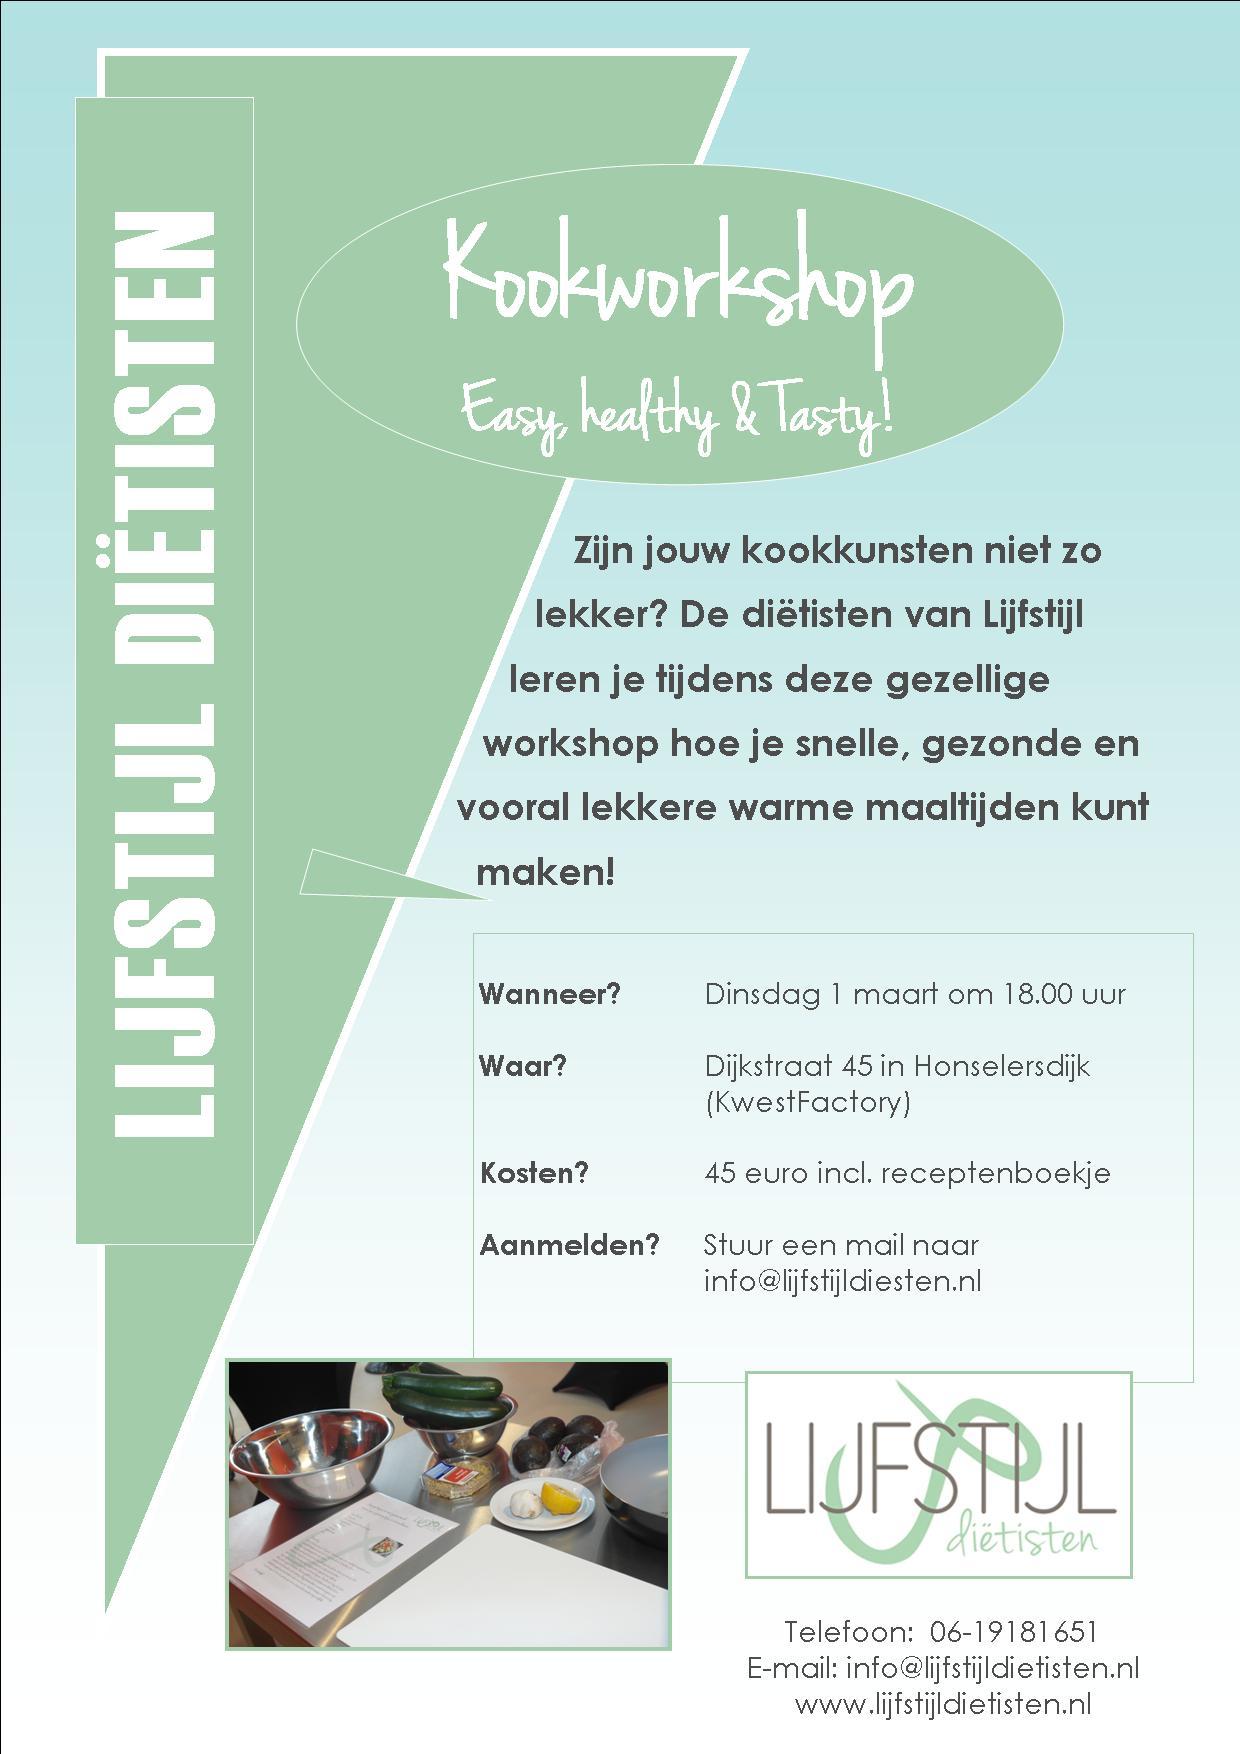 Kookworkshop easy, healthy & tasty